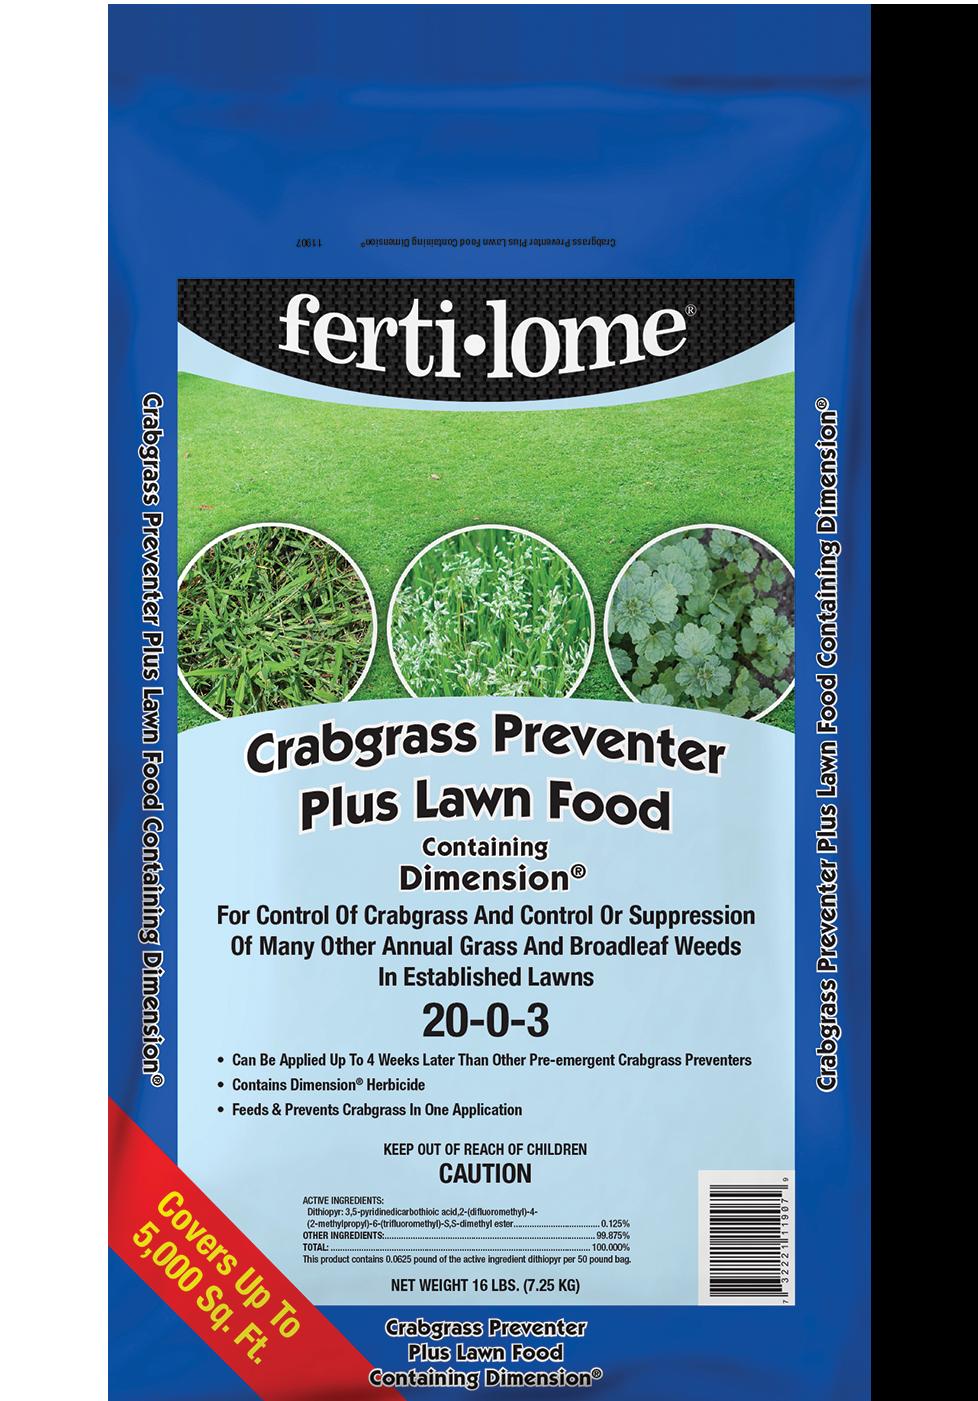 Fetilome_Crabgrass_Control